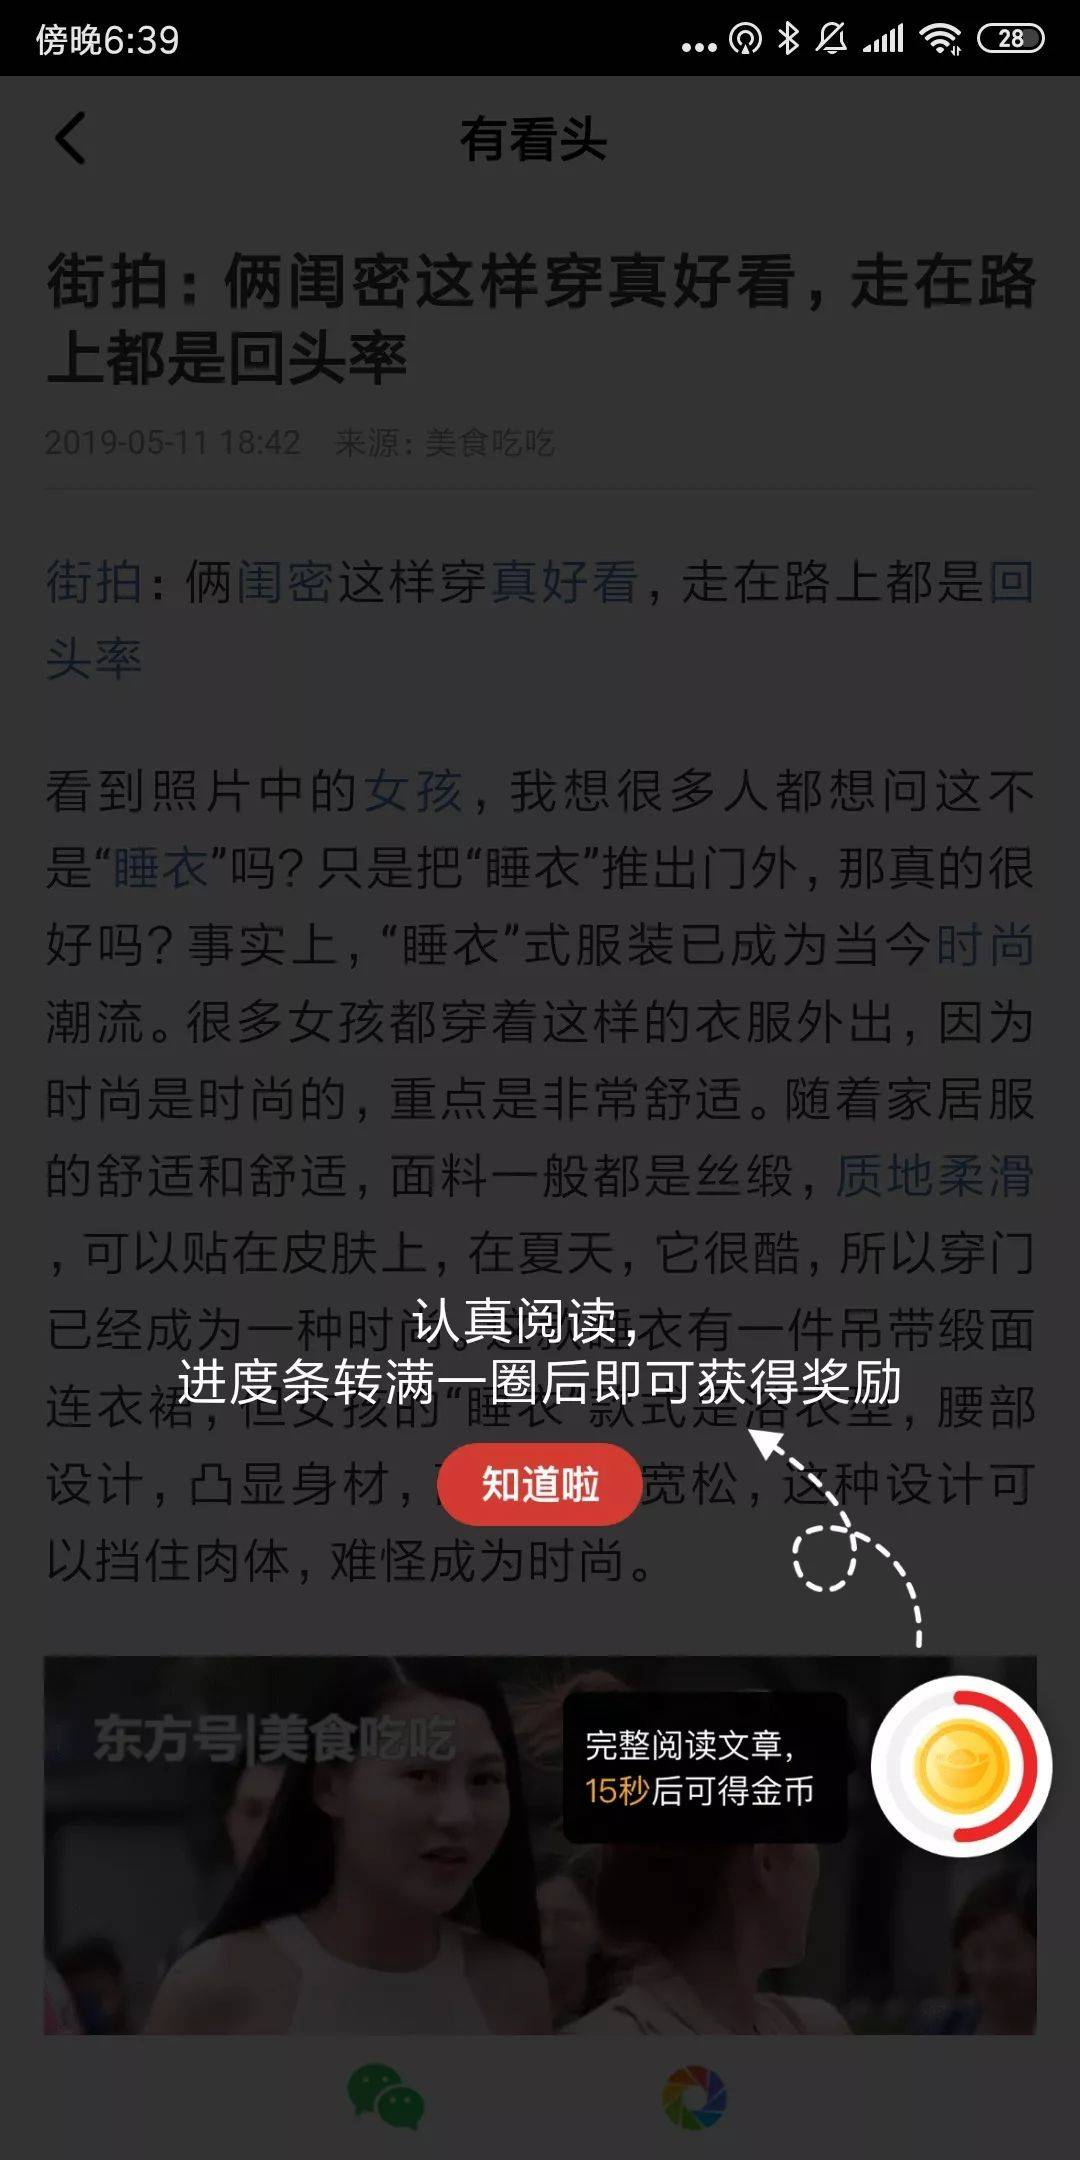 一分时时彩,用户一分时时彩,刘玮冬,用户研究,用户一分时时彩,用户增长